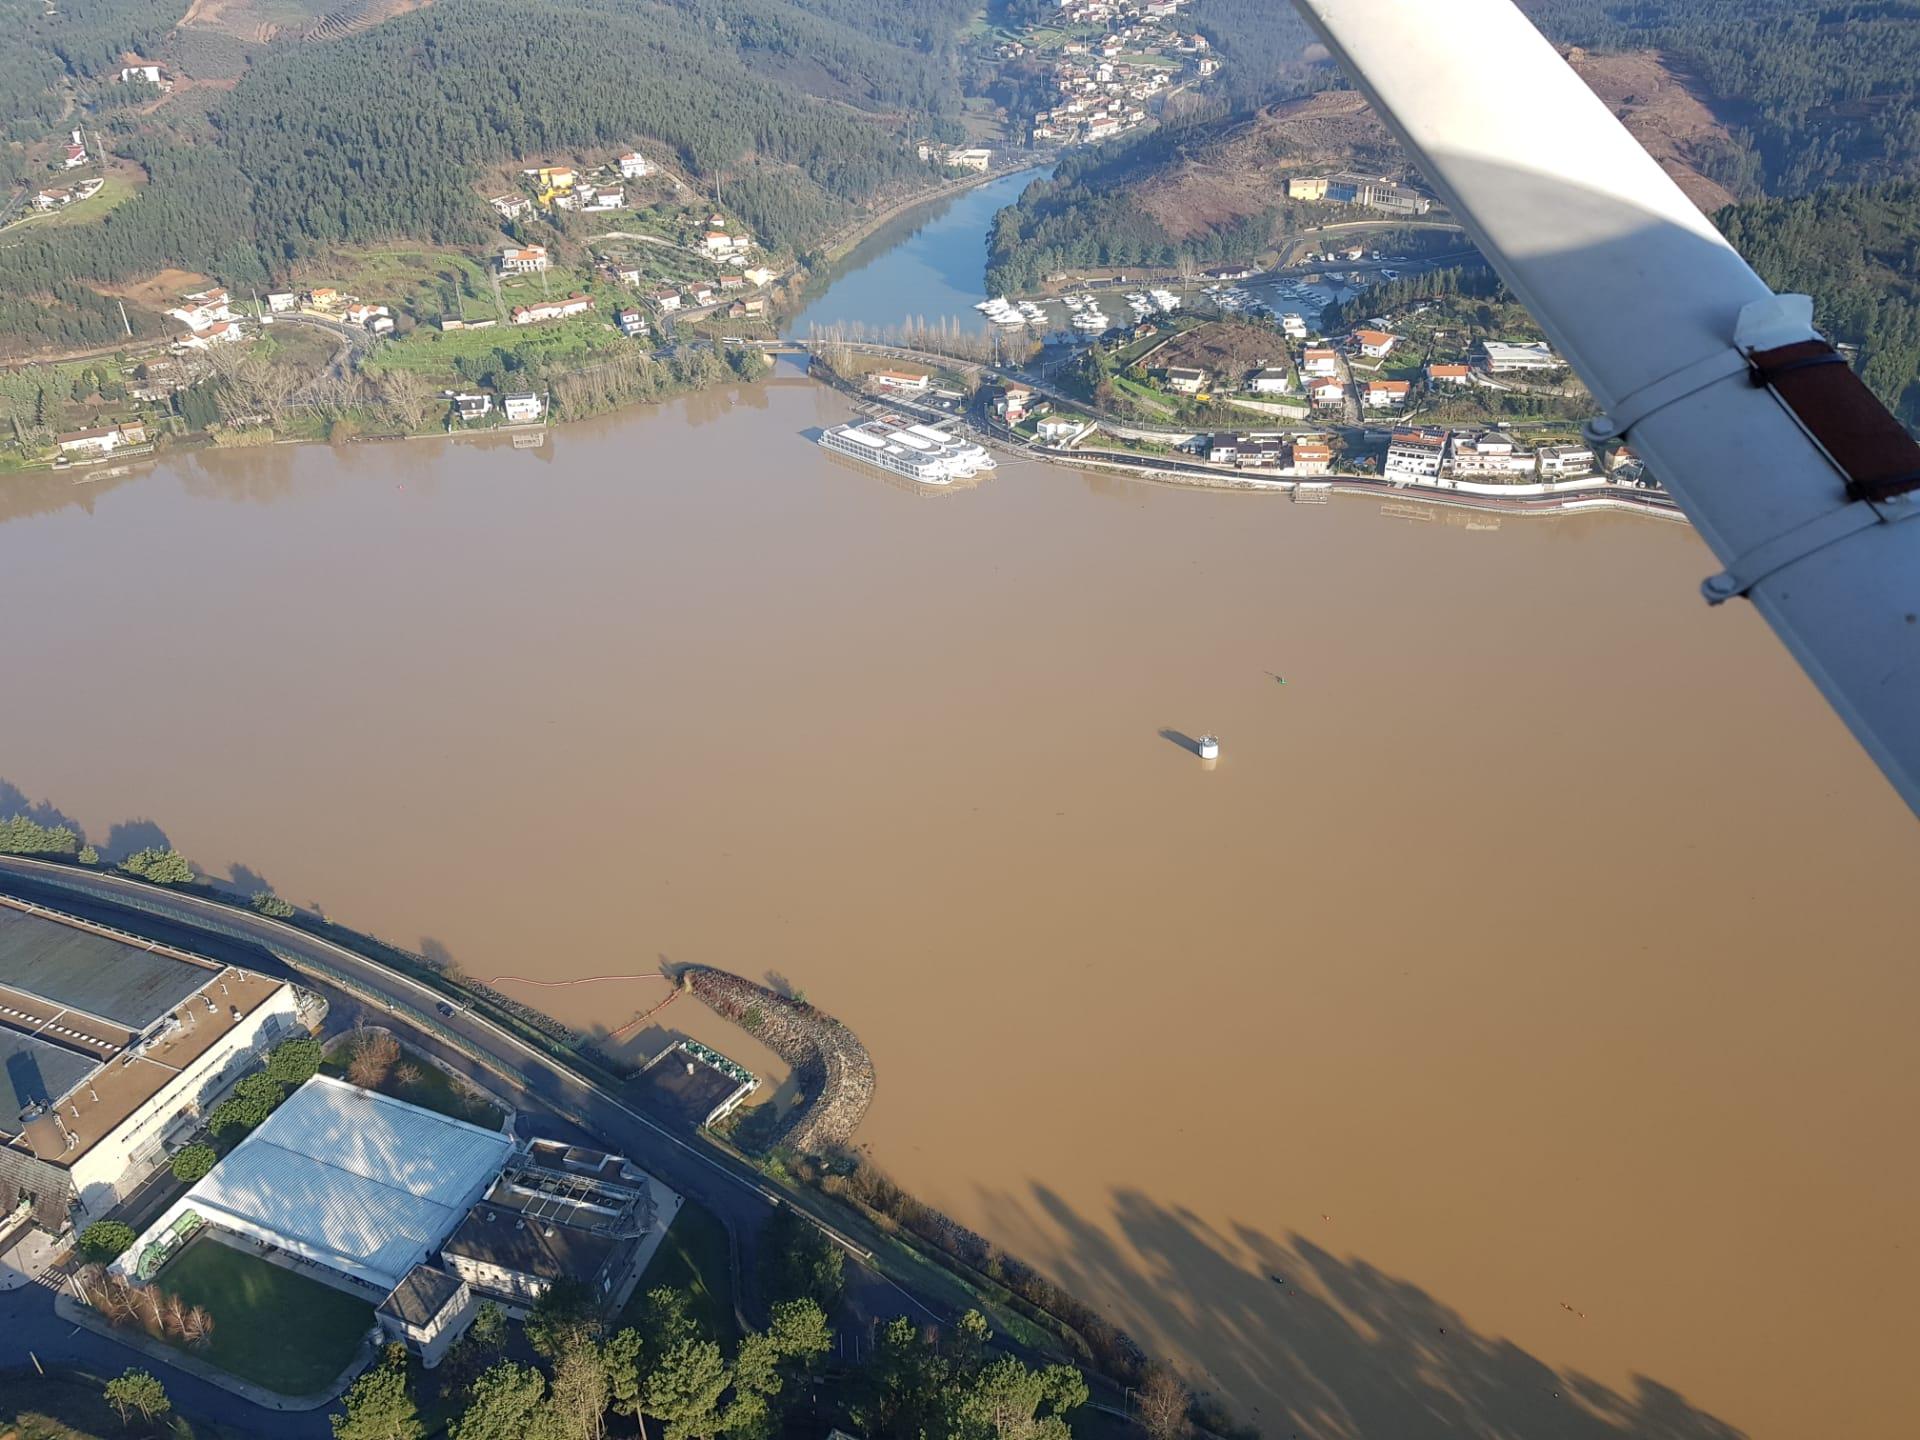 LM-Arquivo-Douro-Paiva-Foto-Aerea-ETA-Lever-083